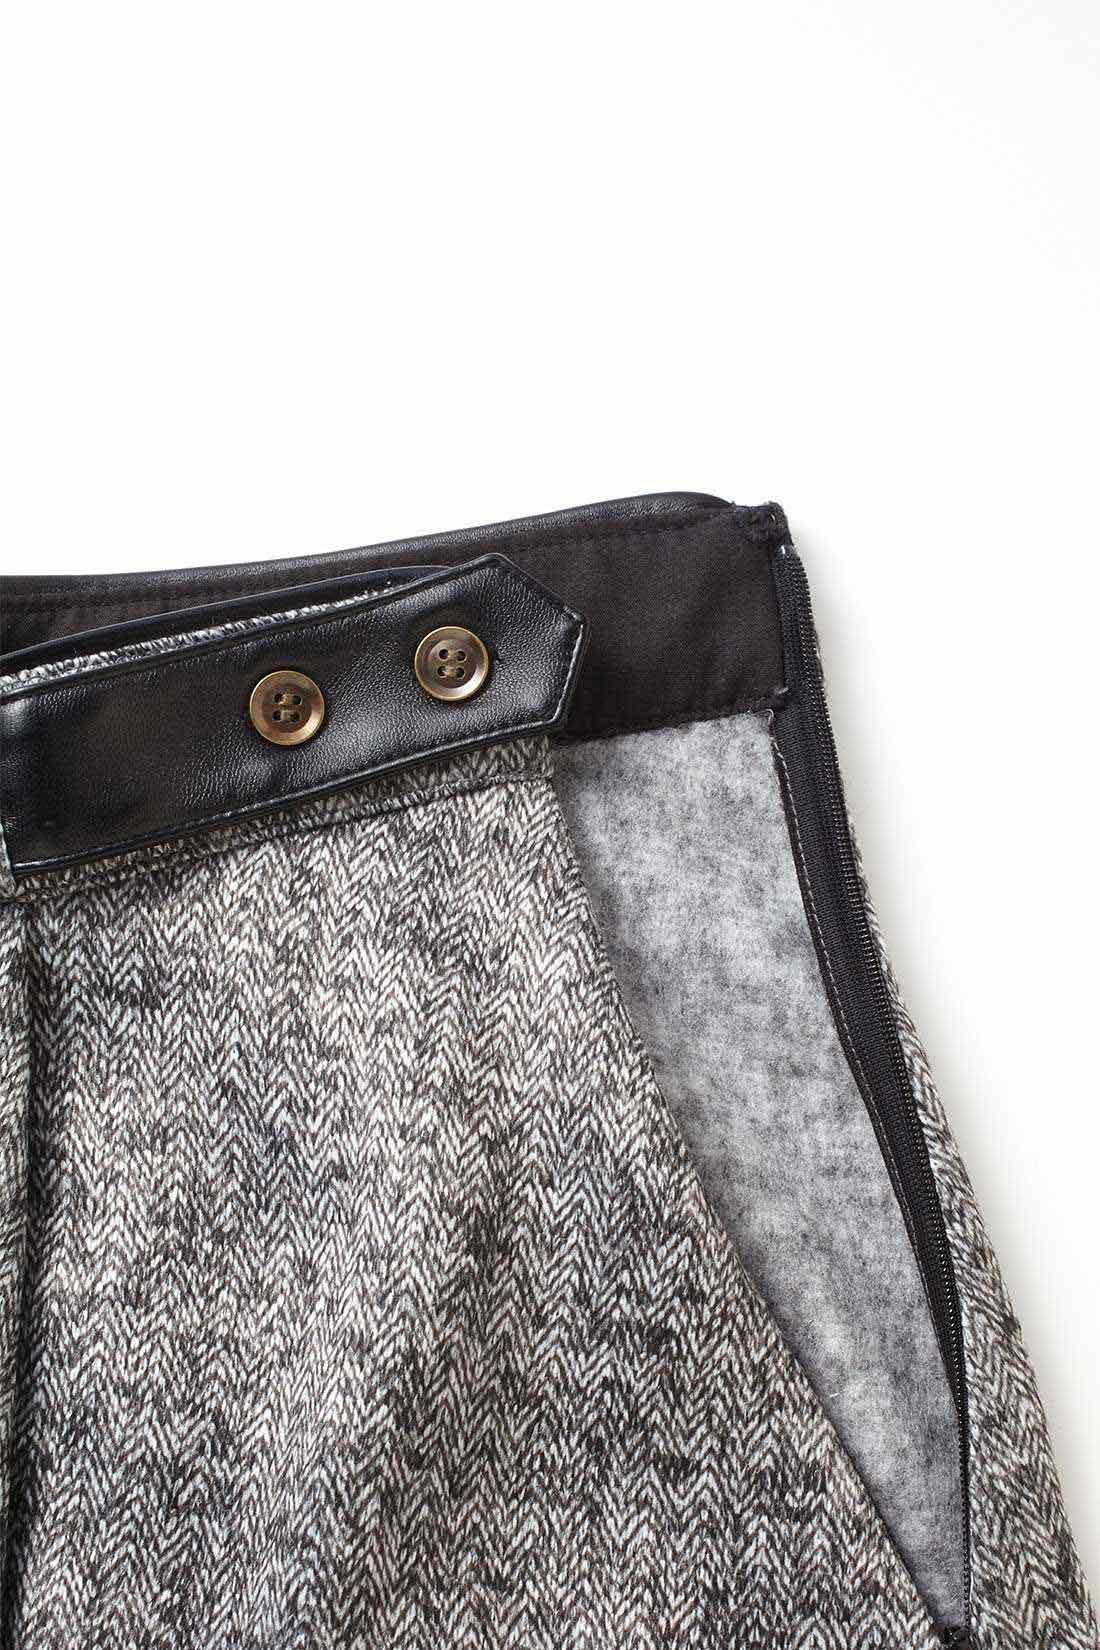 サイドファスナーで着やすさ◎。 トレンドのラップスカートに見せかけて、実はすっきり横開きのサイドファスナー仕様で着脱簡単。 ※お届けするカラーとは異なります。